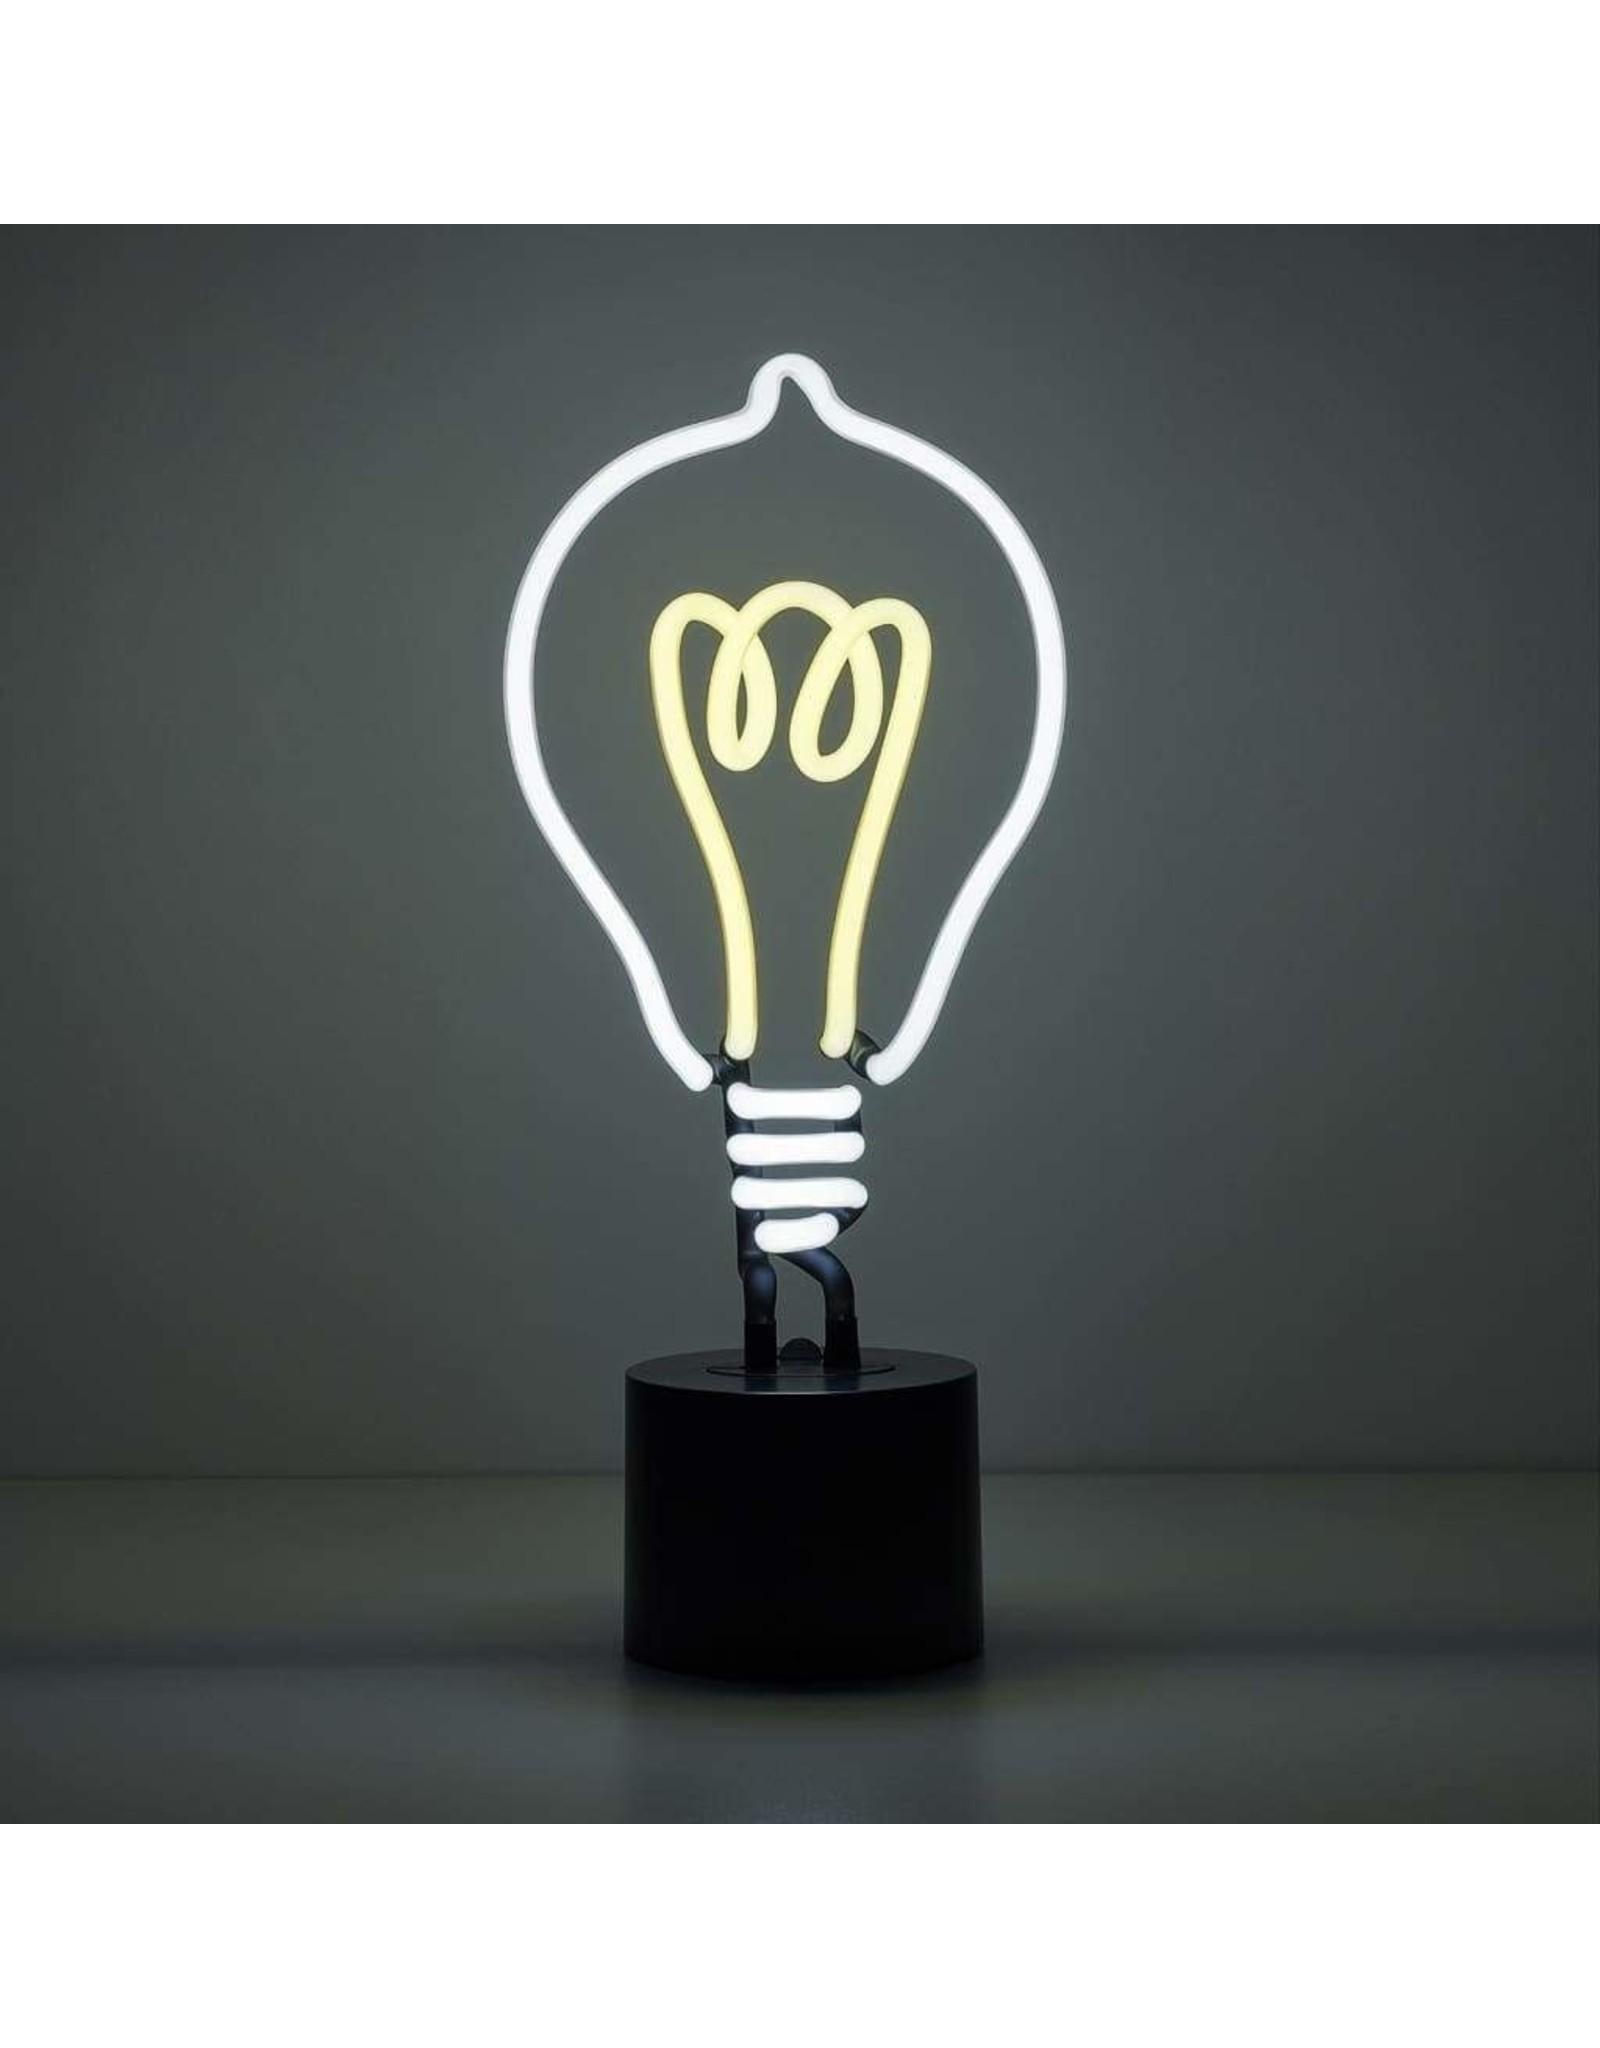 Amped & Co Light Bulb Neon Light